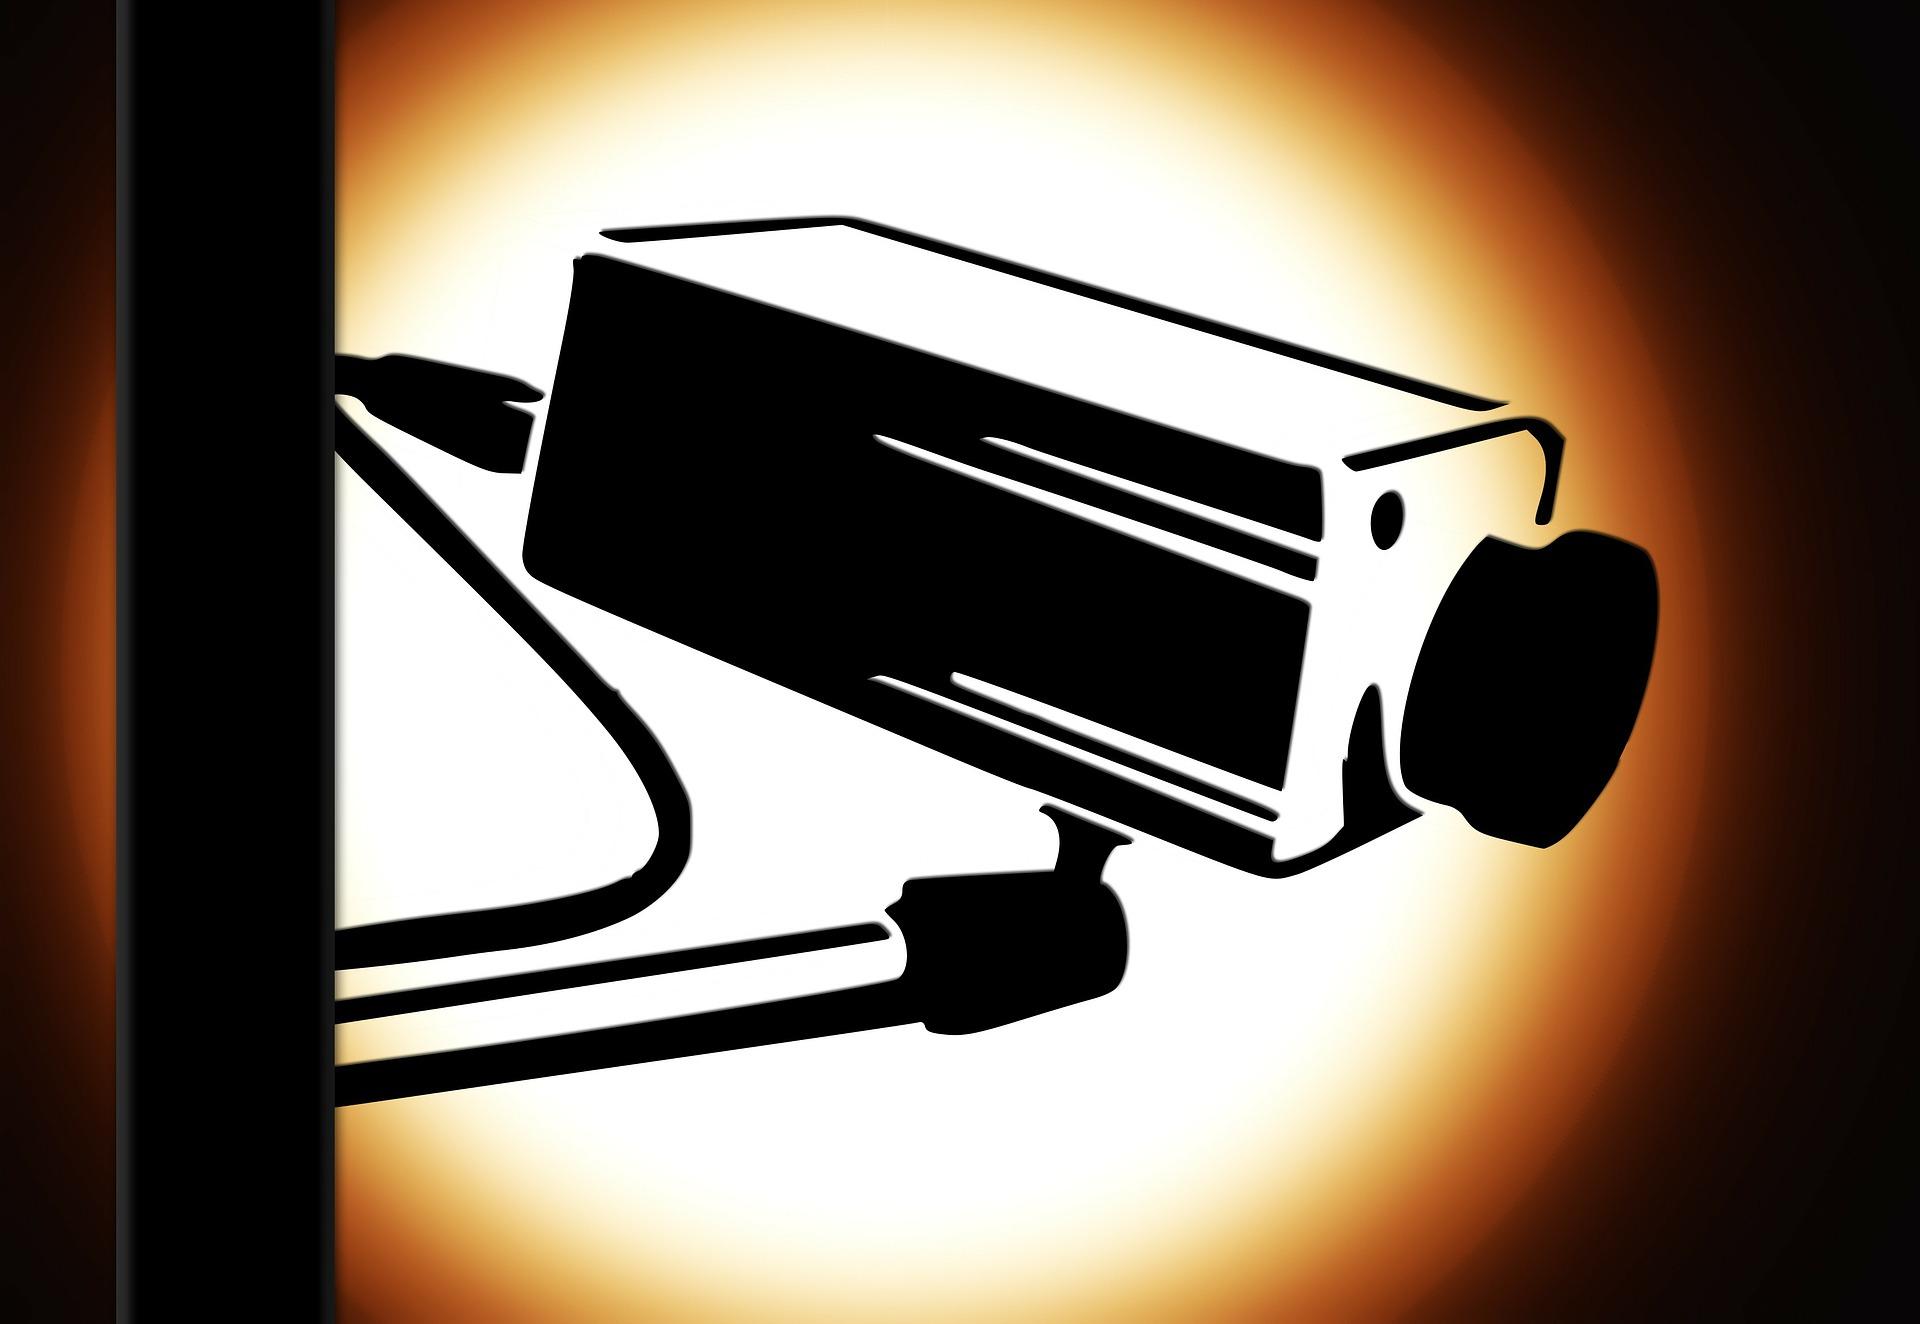 DALL'AUTORITA' PER LA PROTEZIONE DEI DATI DELLA NORVEGIA: Dragefossen AS Riceve Una Commissione